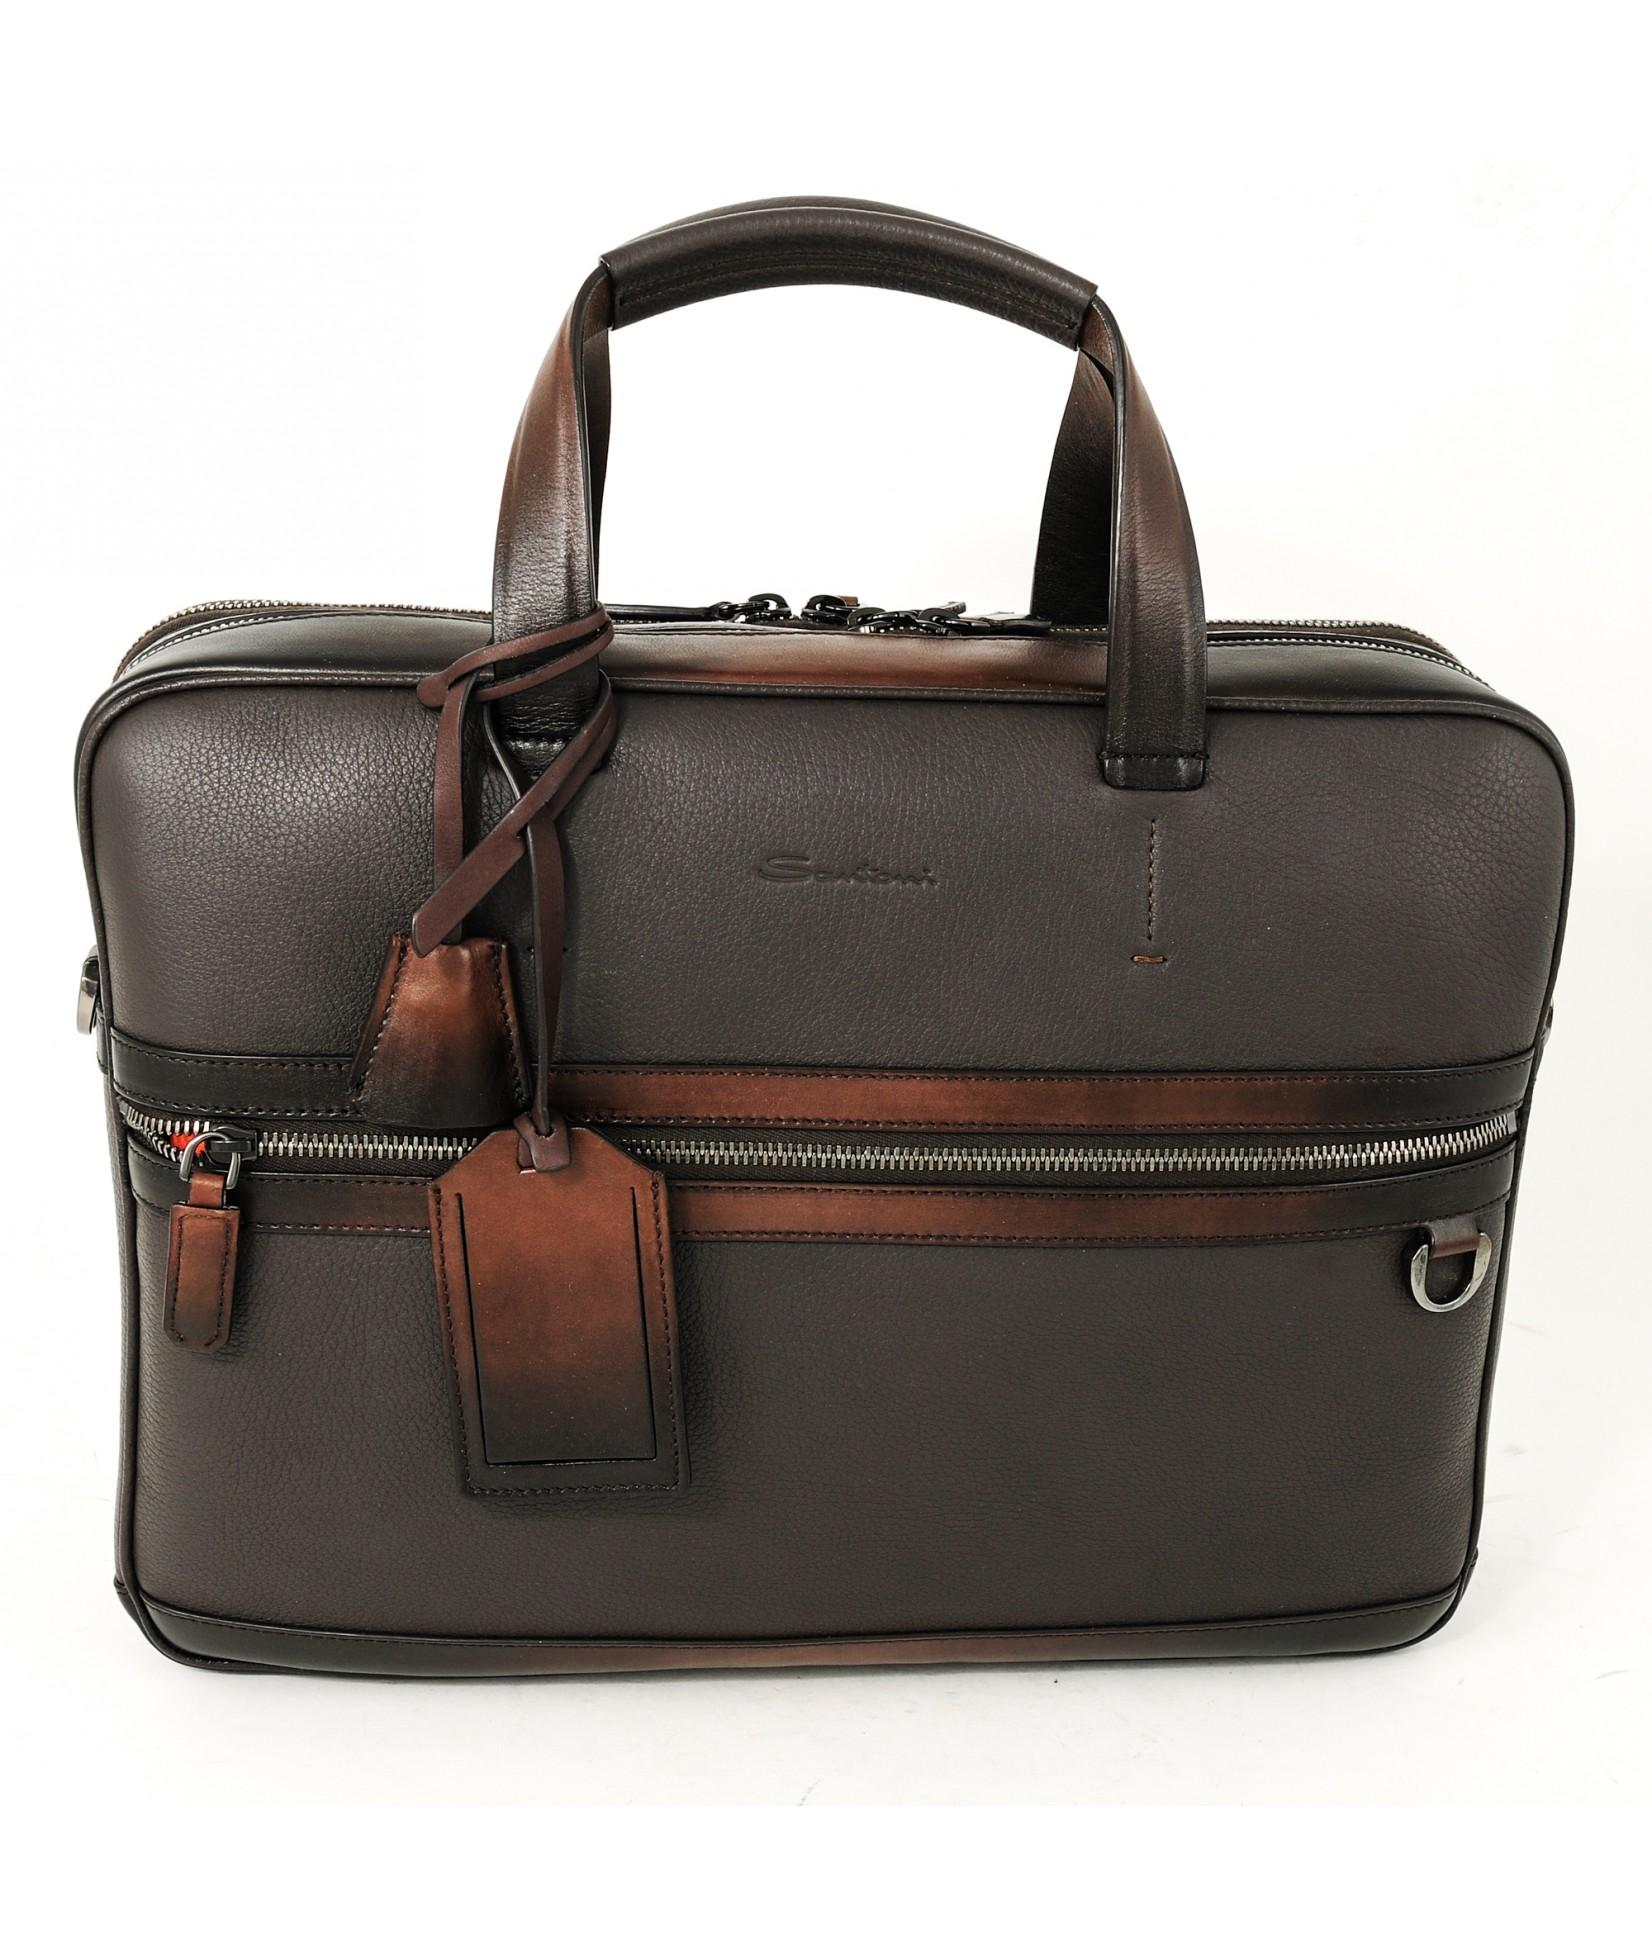 Santoni Laptop Bag (32728)